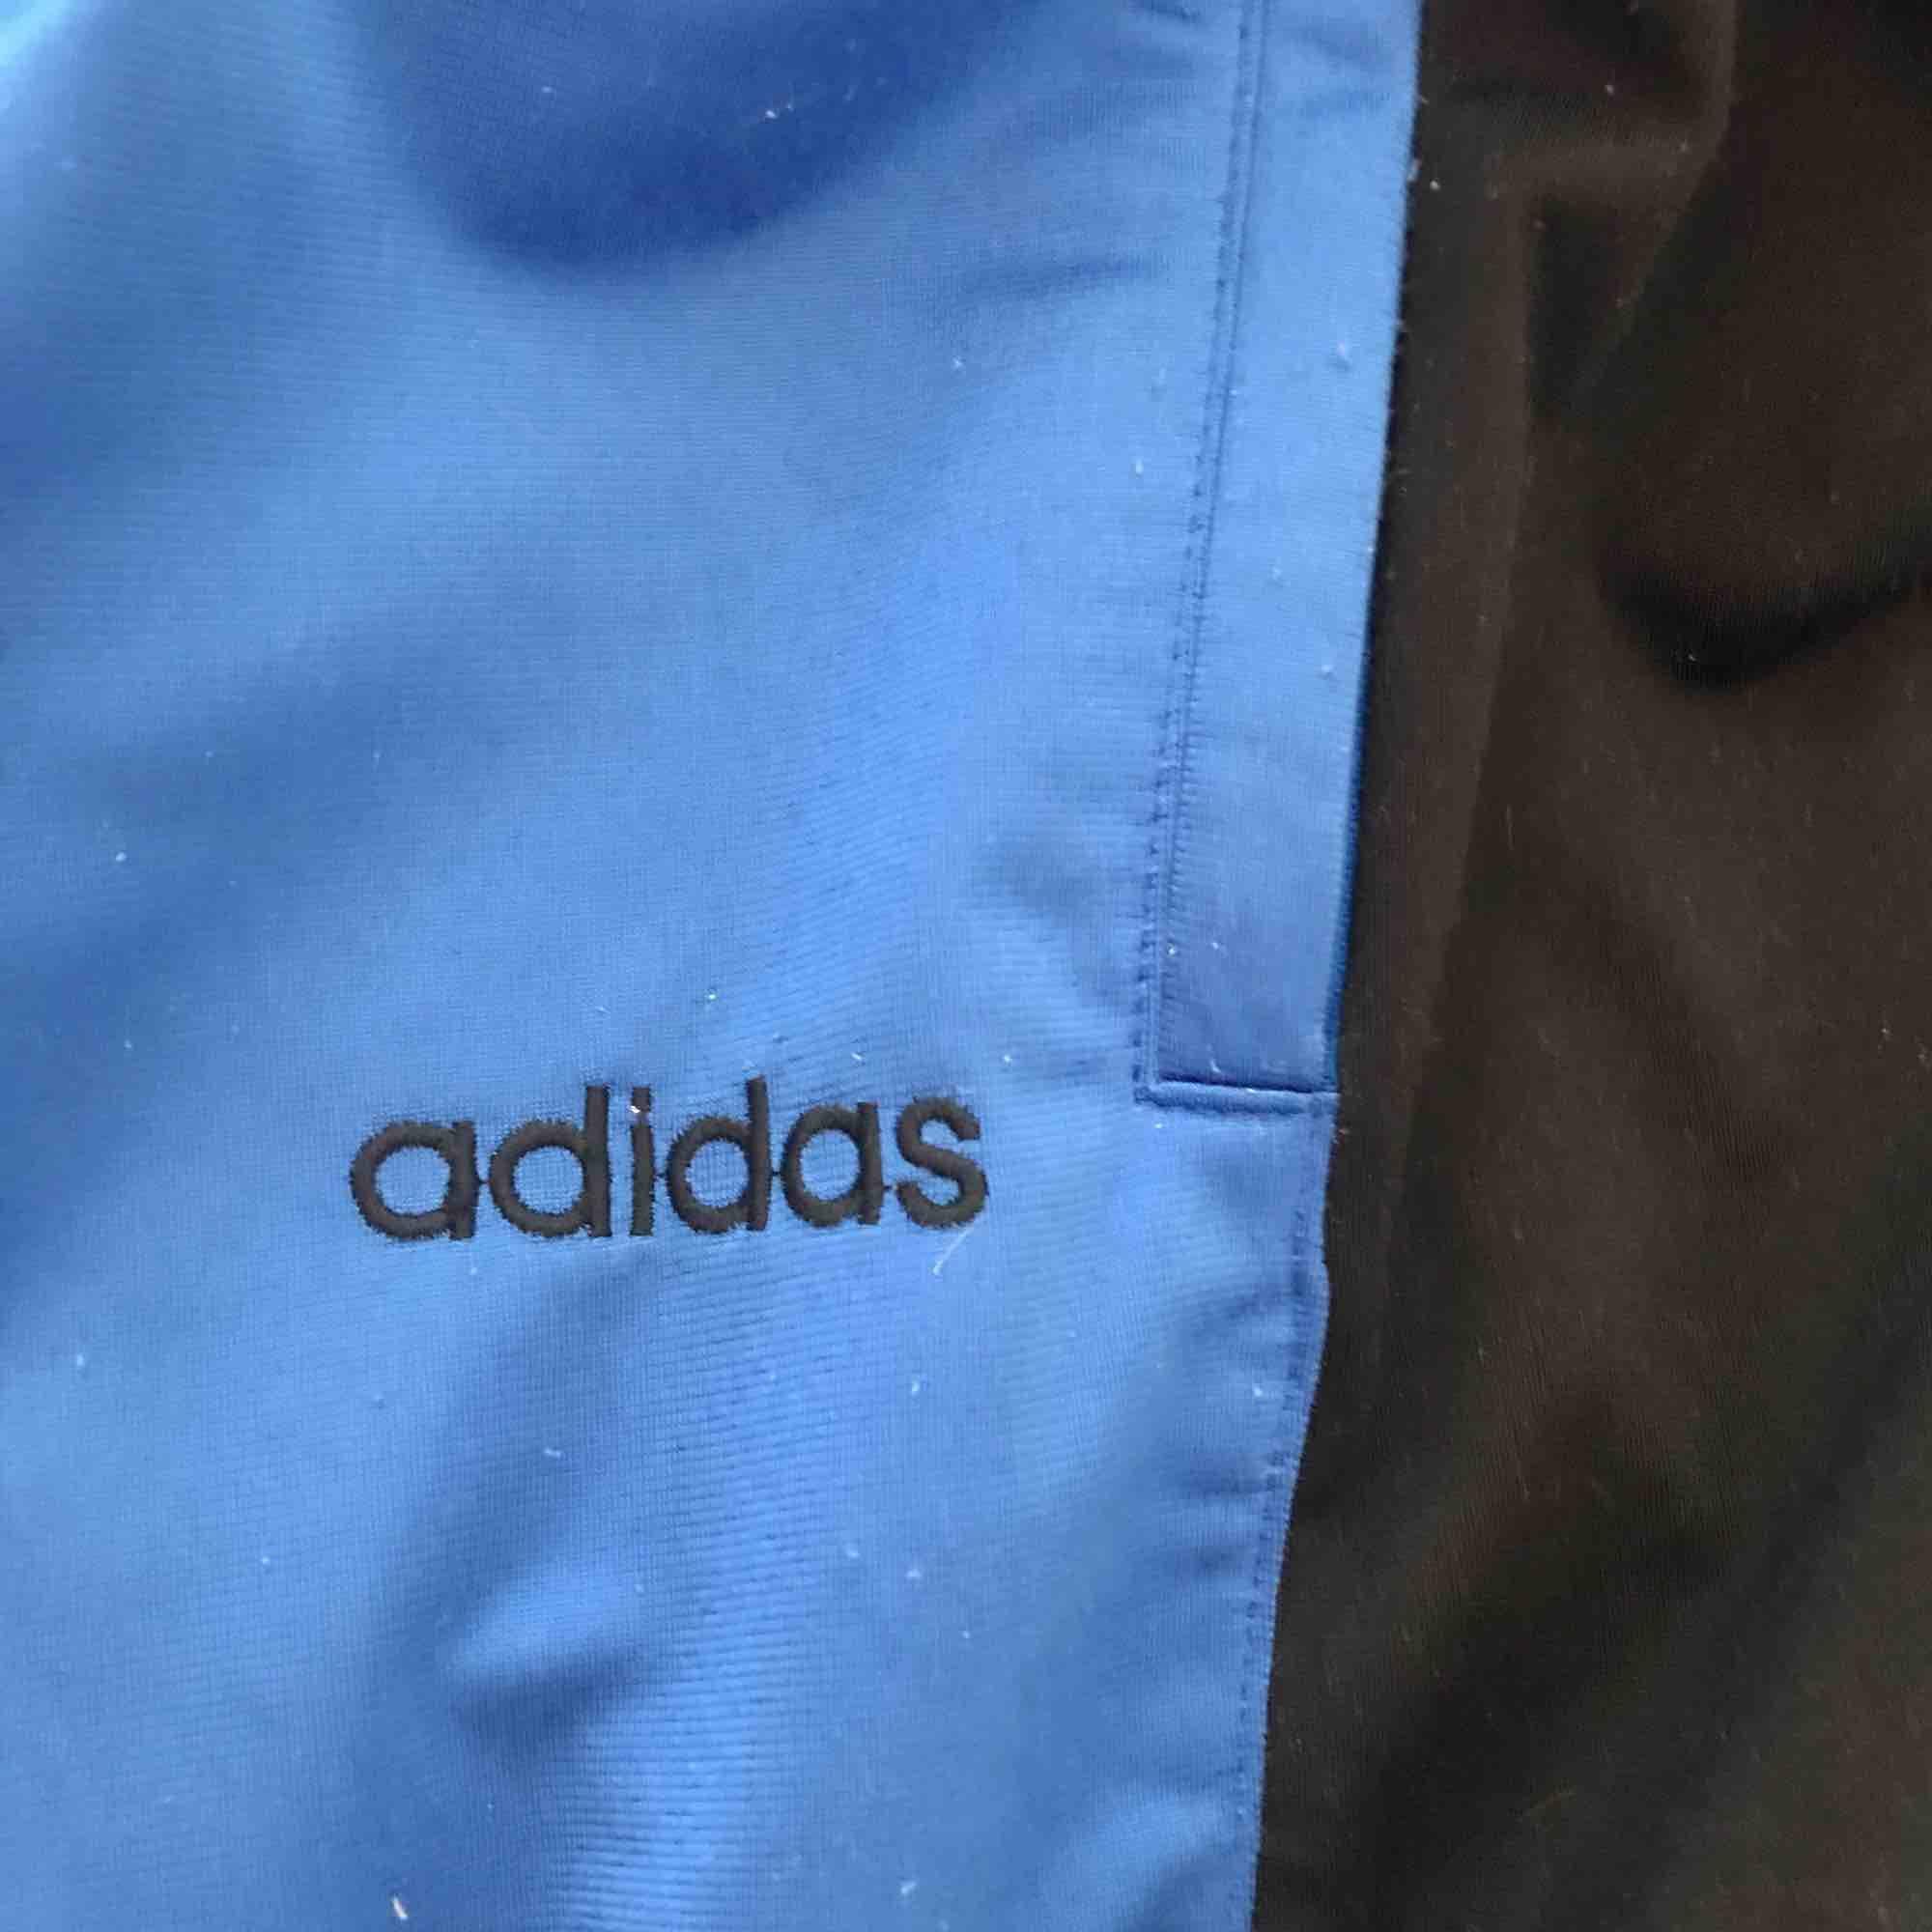 Säljer dessa vintage adidas byxor p g a att jag hittade ett annat par. Köpta på humana för 240 kr. Pris kan diskuteras vid en snabb affär! . Jeans & Byxor.